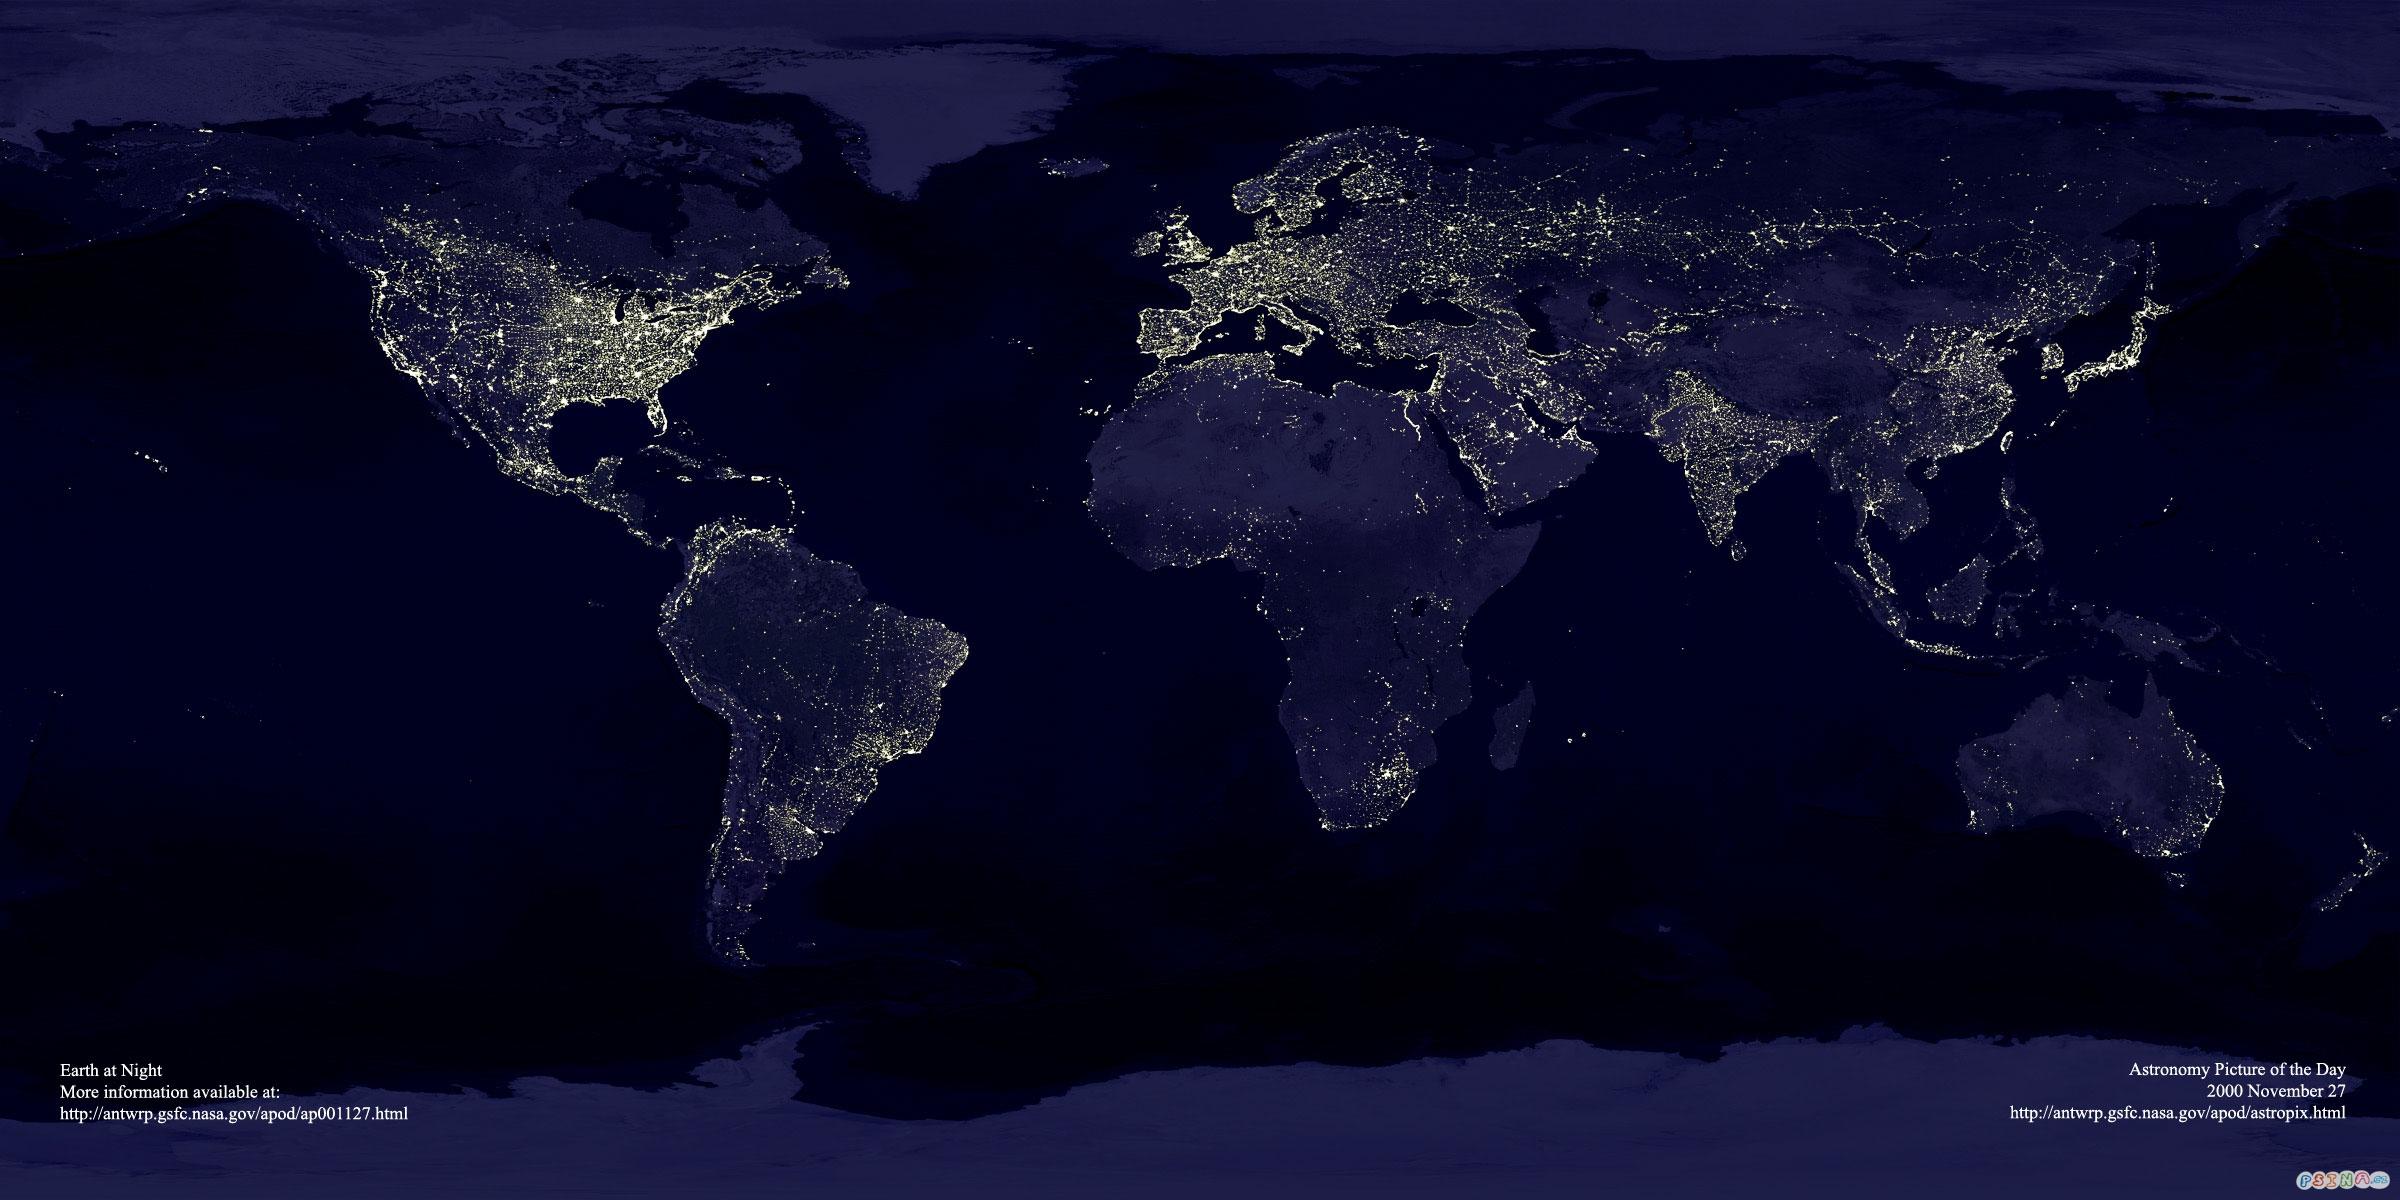 zeme-v-noci.jpg